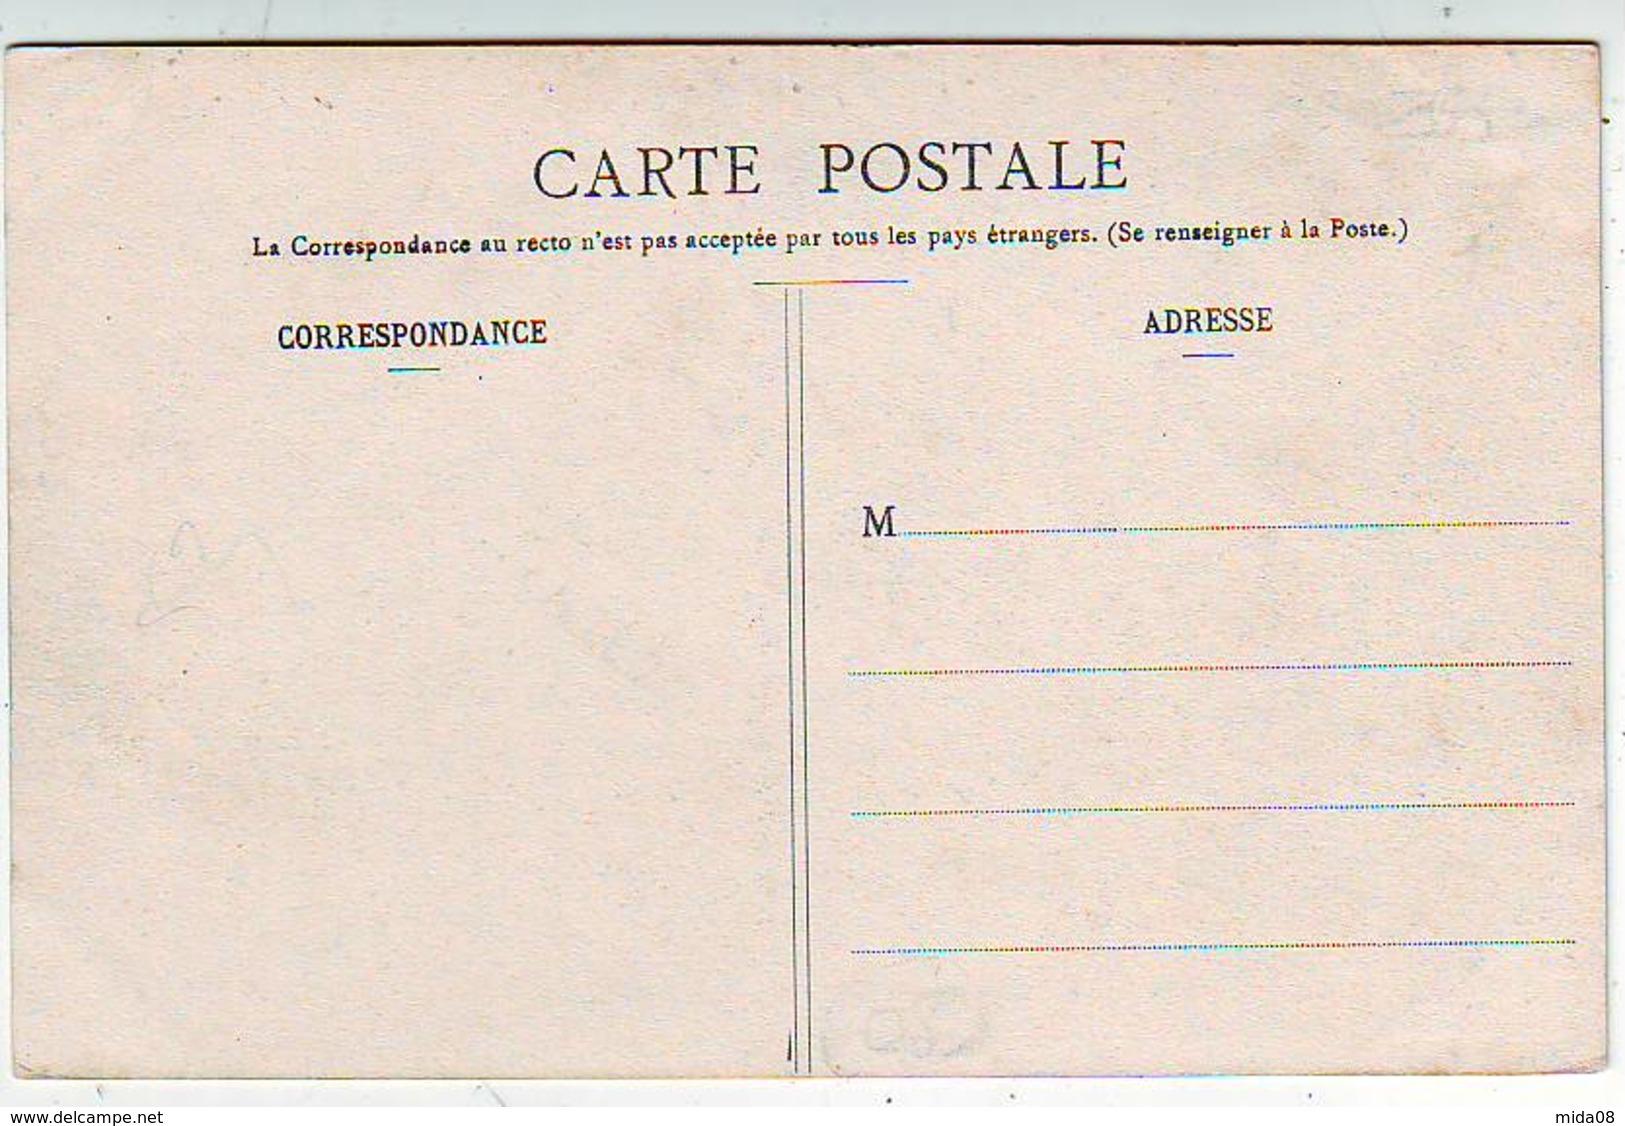 08. MONTHERME . VALLEE DE LA MEUSE . LAVAL DIEU . CONFLUENT DE LA SEMOY ET DE LA MEUSE . Editeur CHARPENTIER RICHARD - Montherme